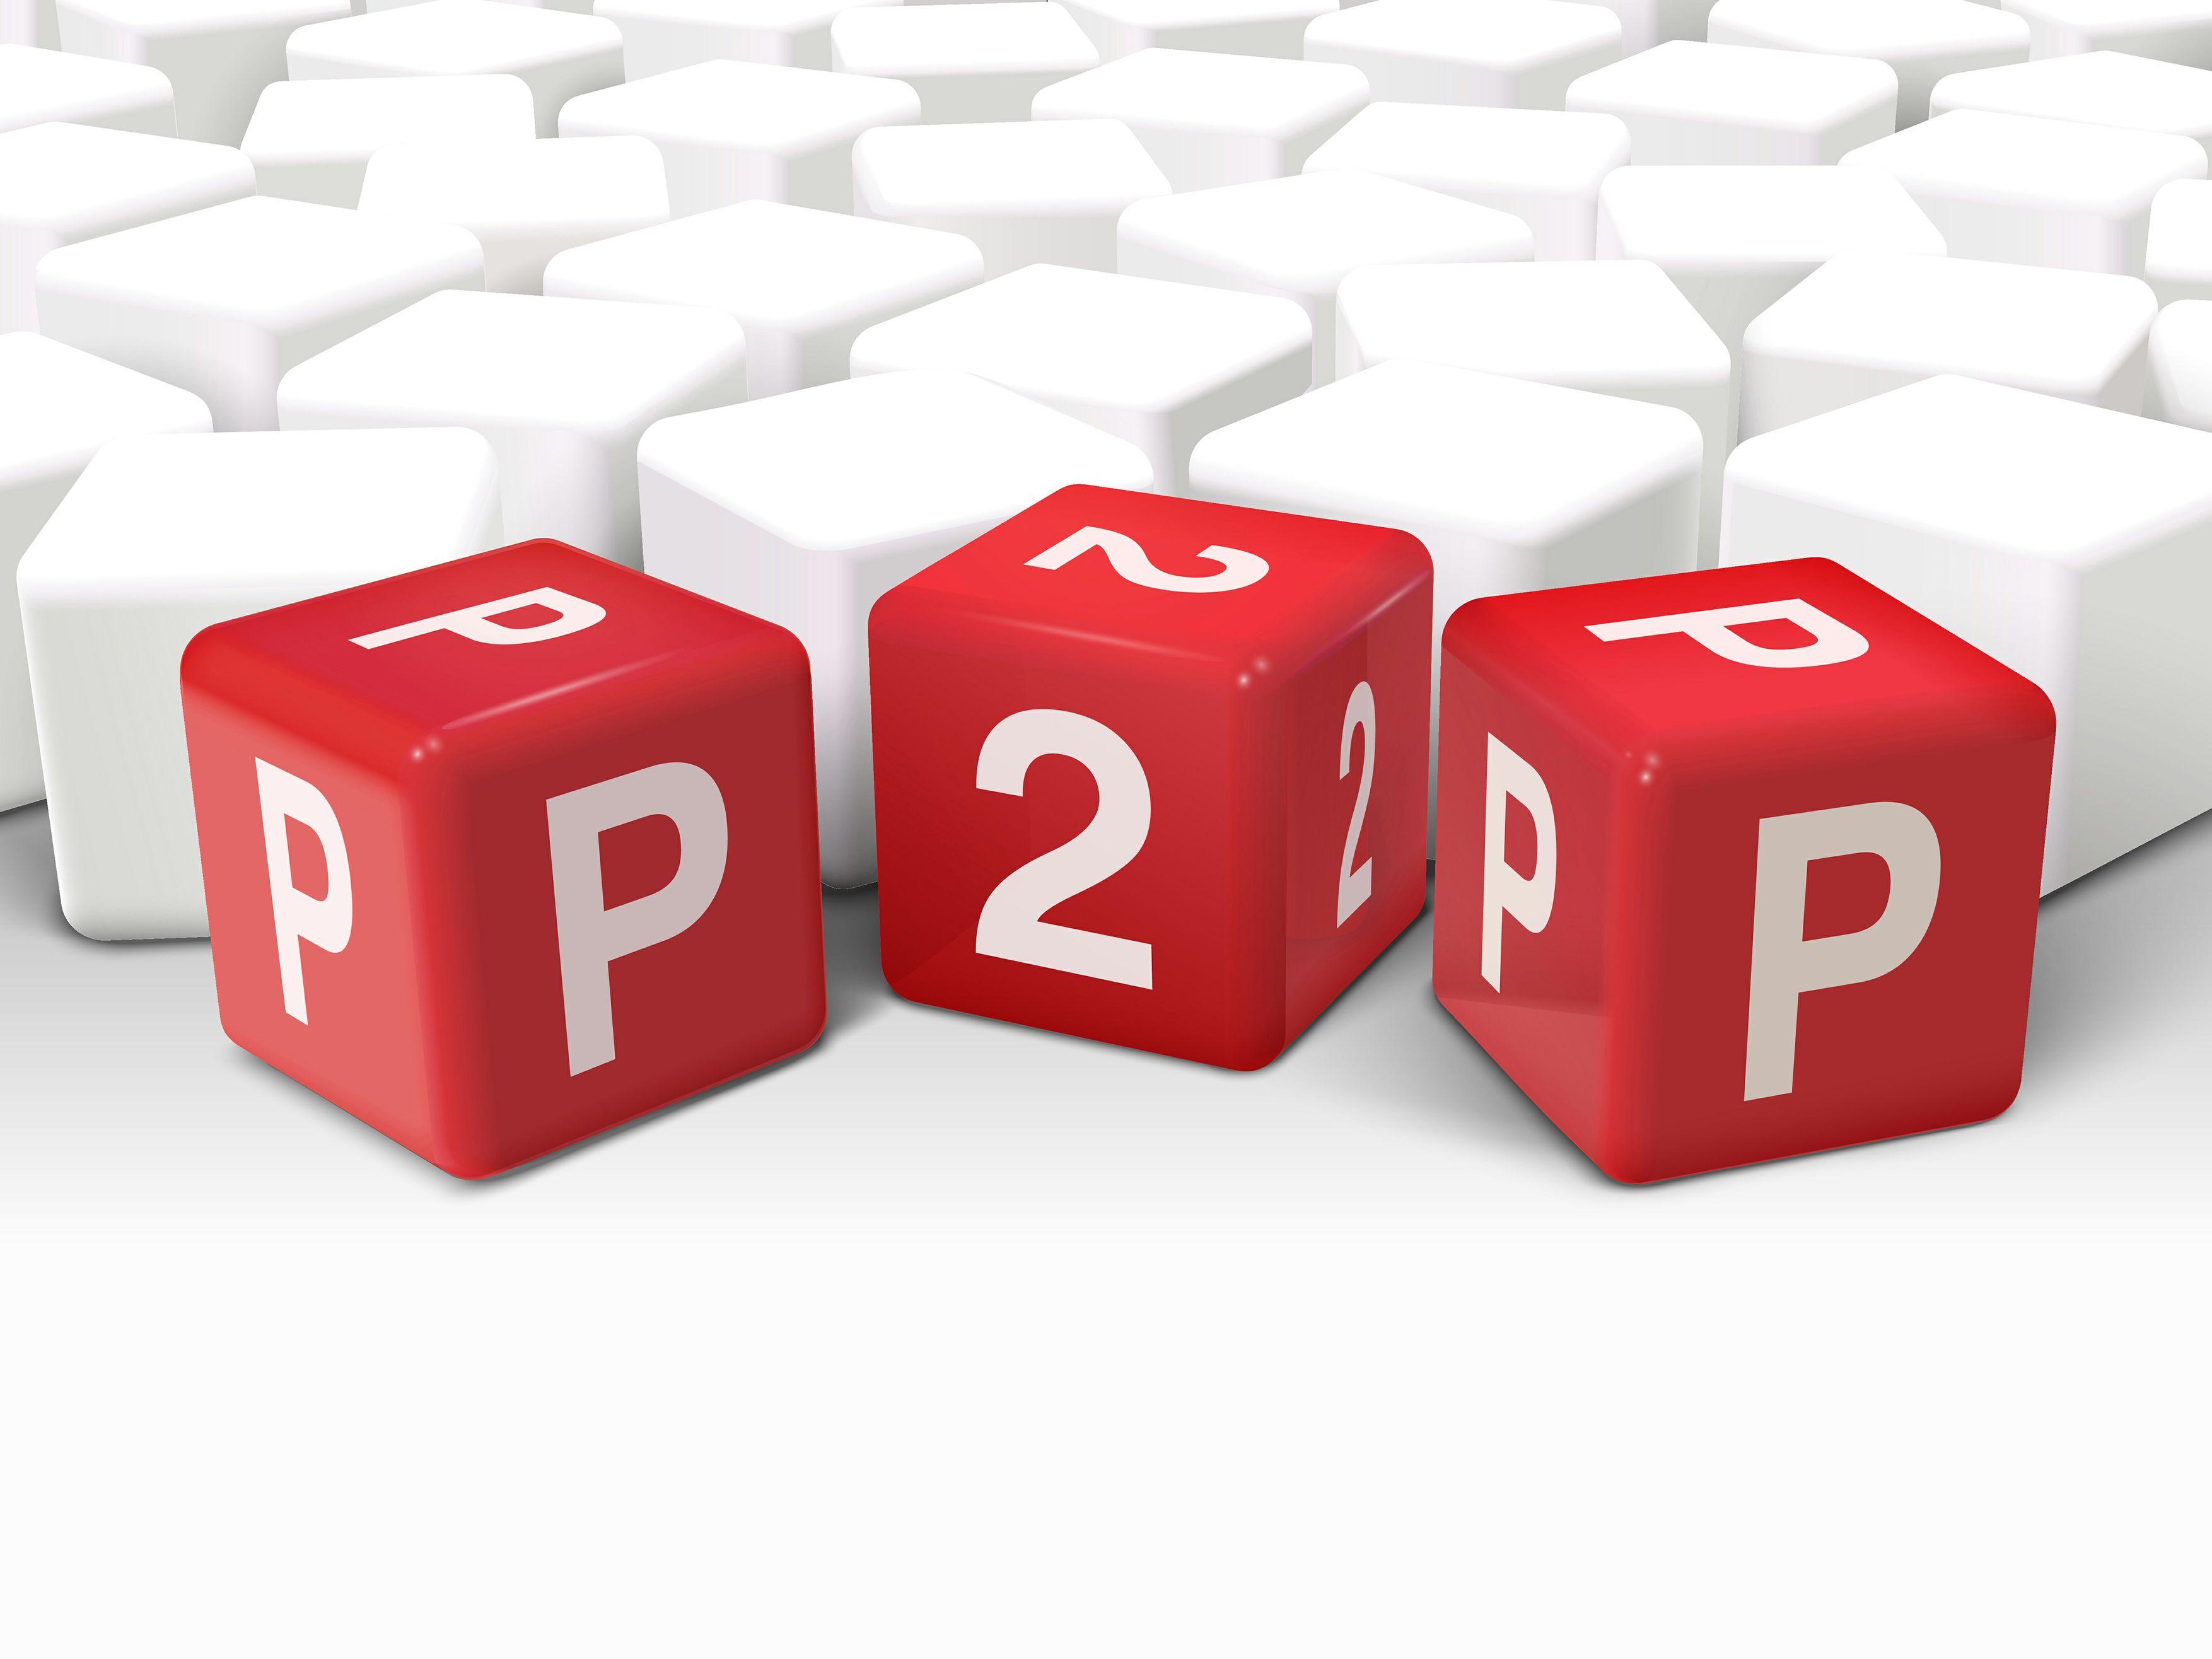 中国式P2P的投资逻辑:方式千万条 防雷第一条